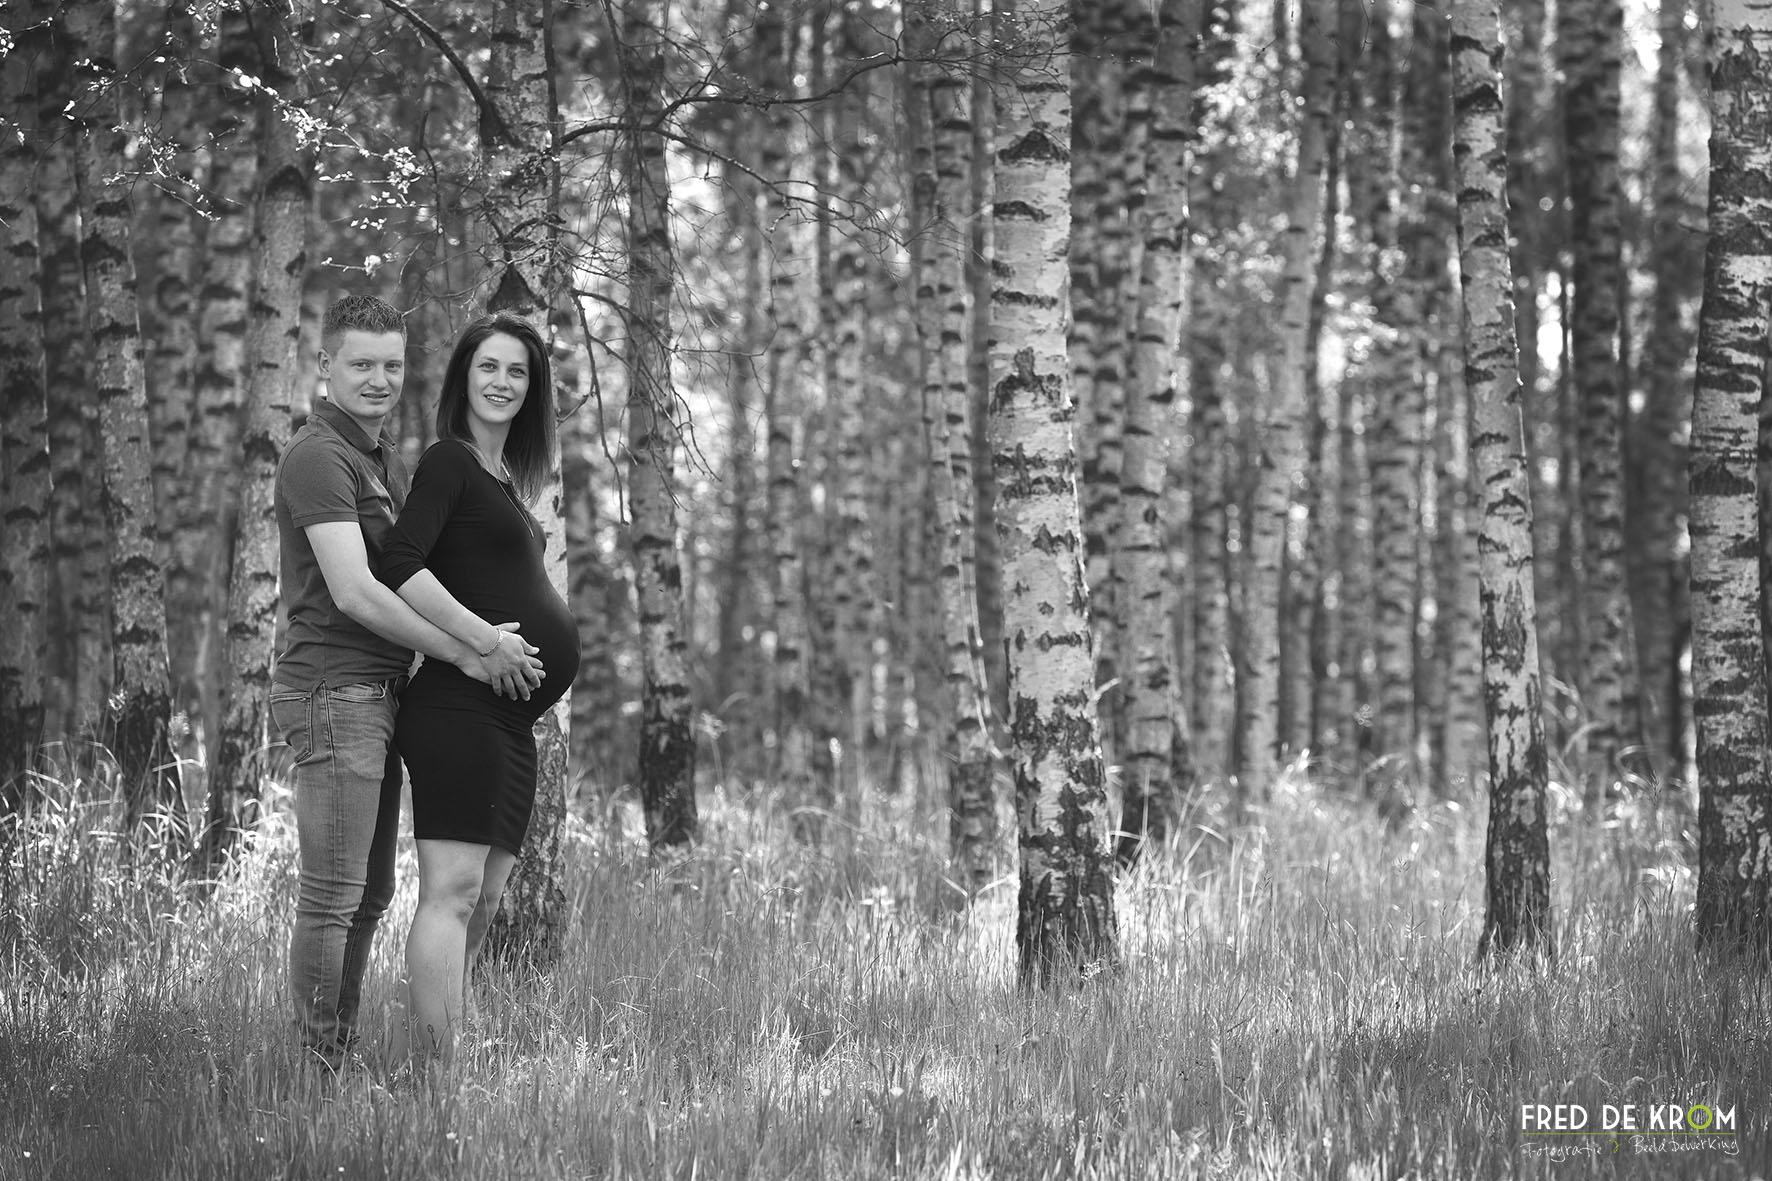 zwangerschaps-fotoshoots_blijde-verwachtings-fotoshoots_bolle-buiken-fotoreportages_4_fred-de-krom-fotografie